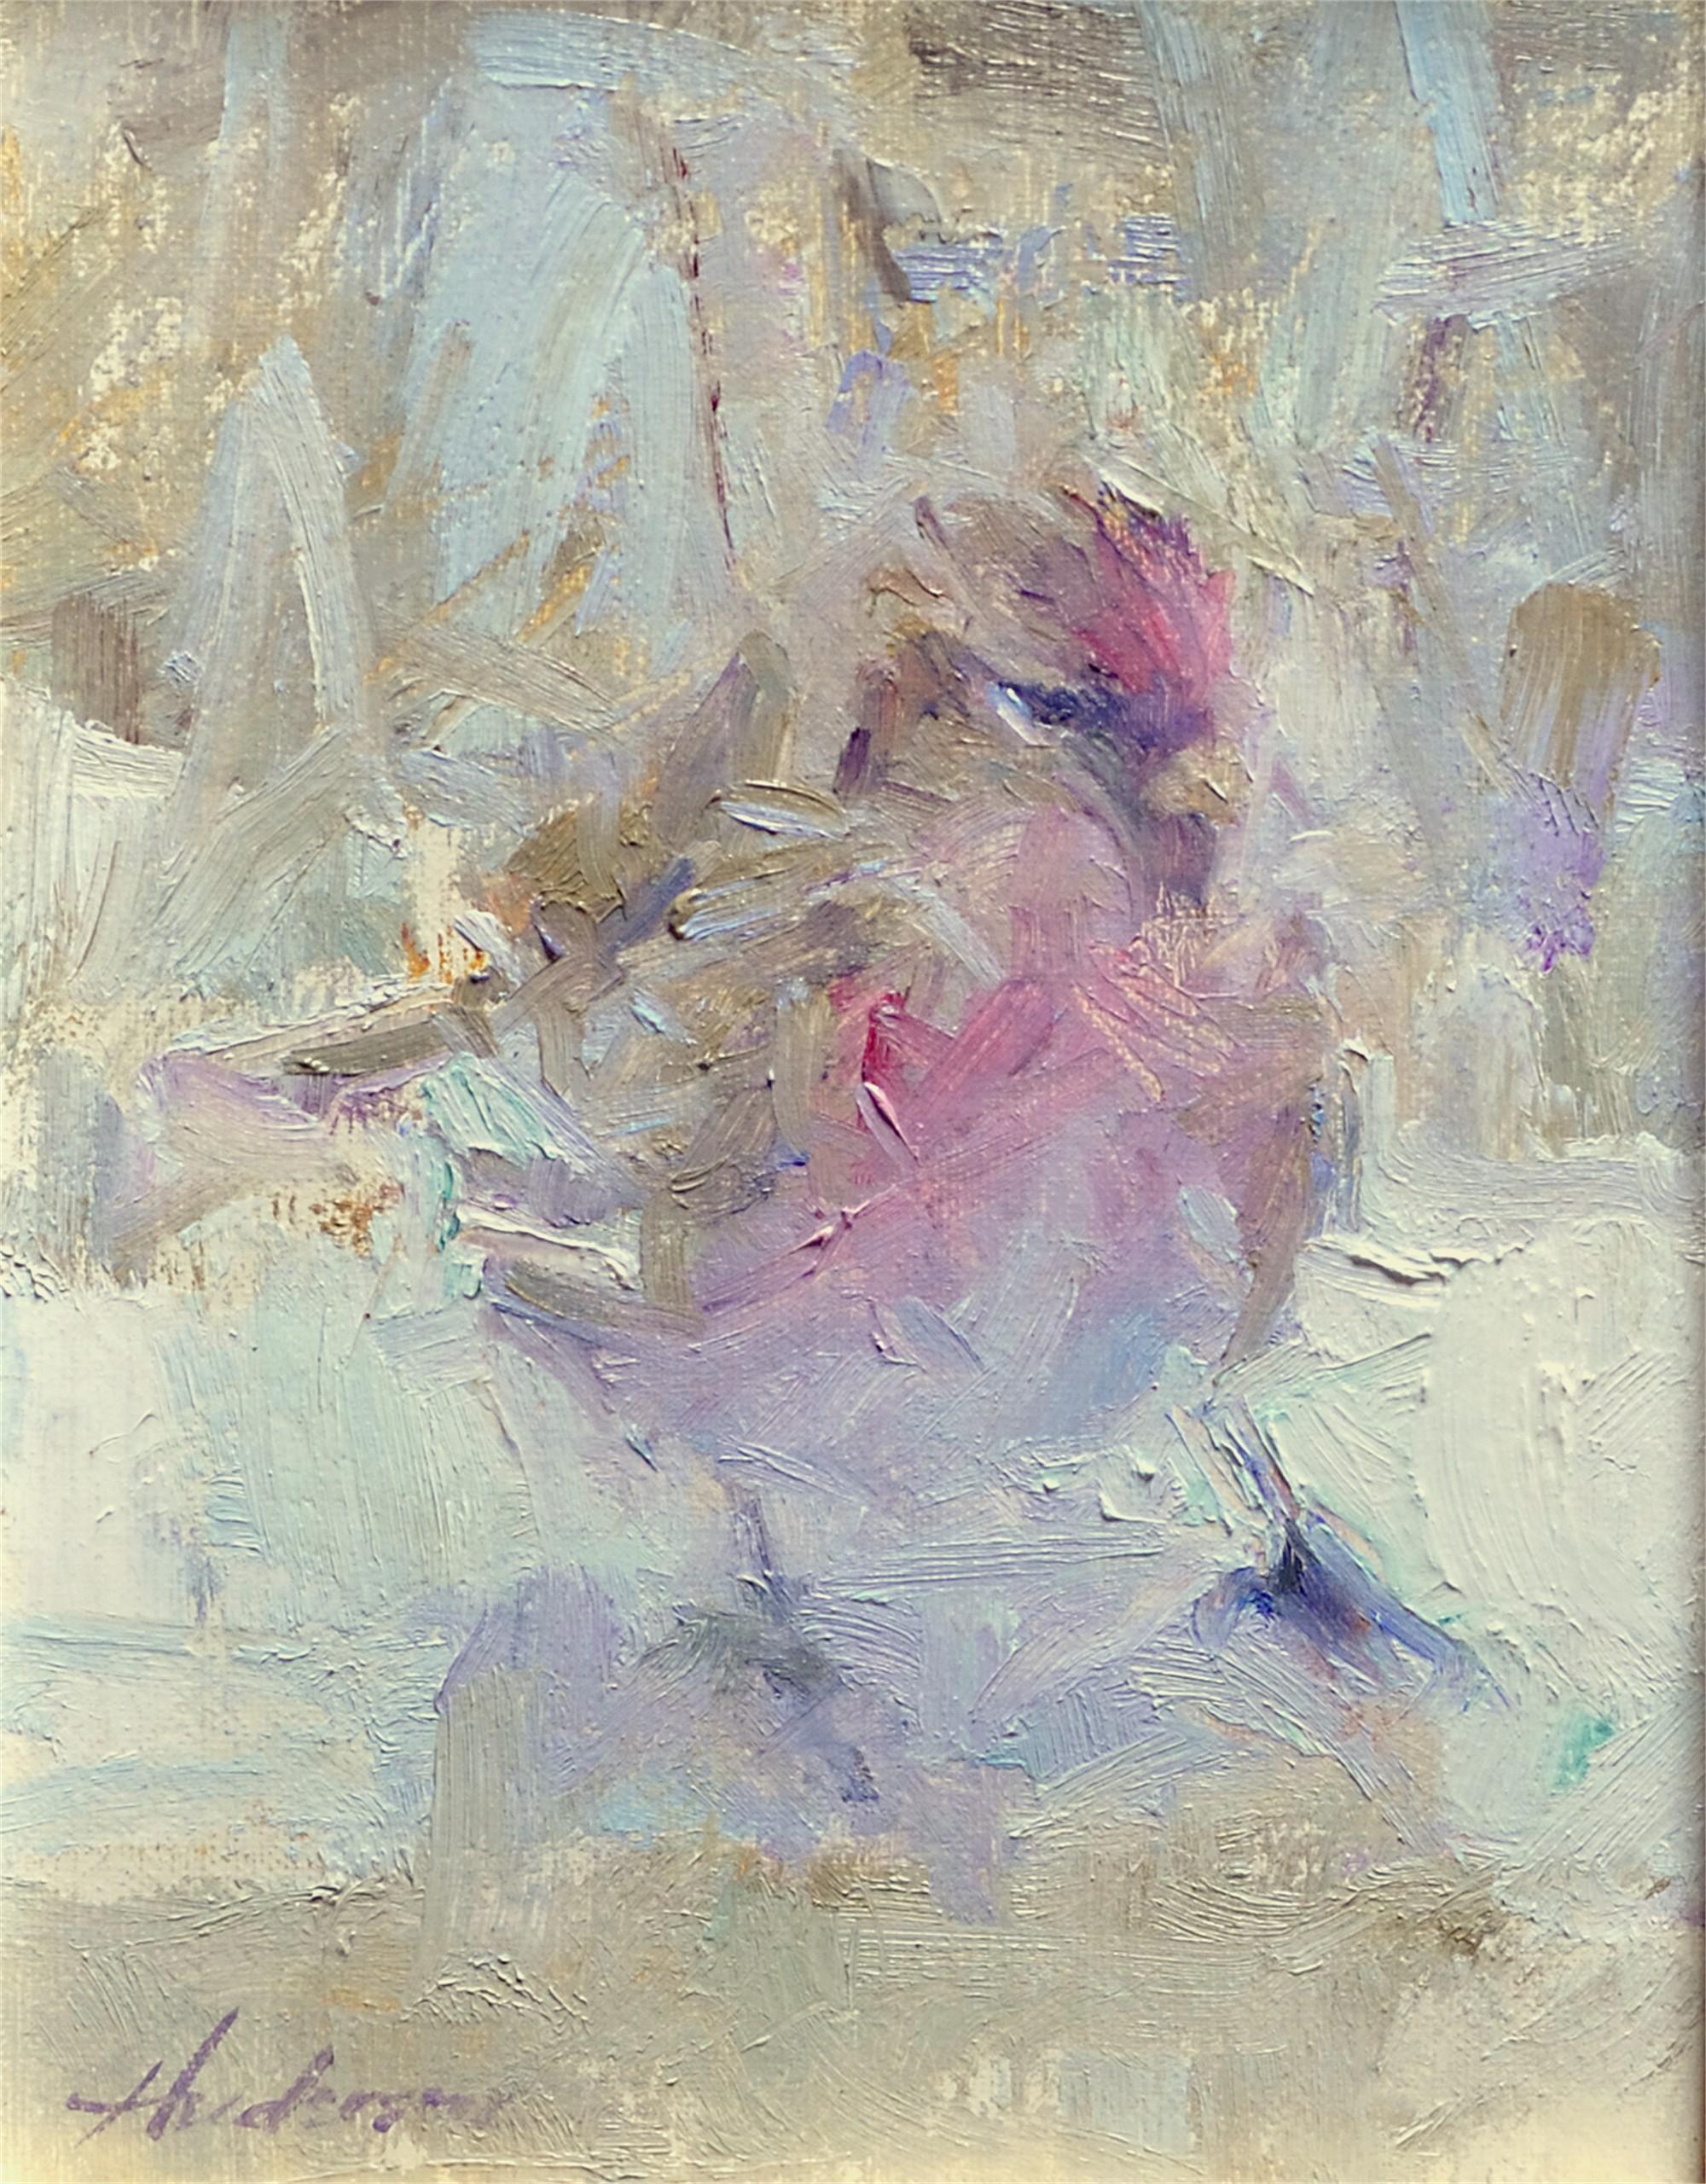 Finch in Winter by Carolyn Anderson